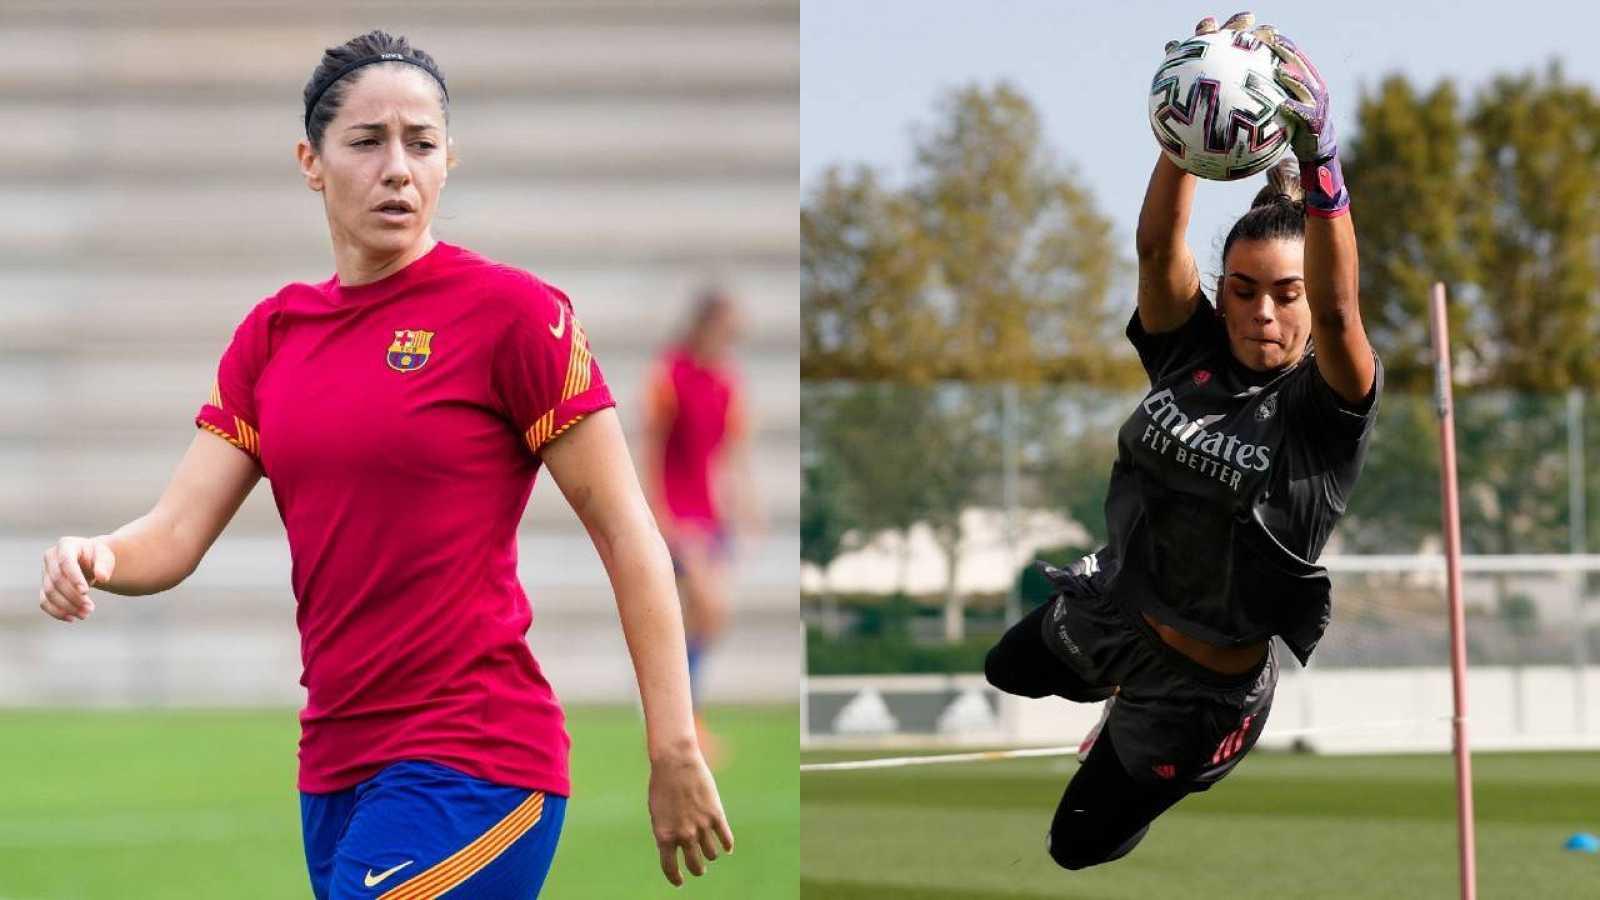 El Clásico femenino será el colofón de la priemera jornada de la Liga Iberdrola